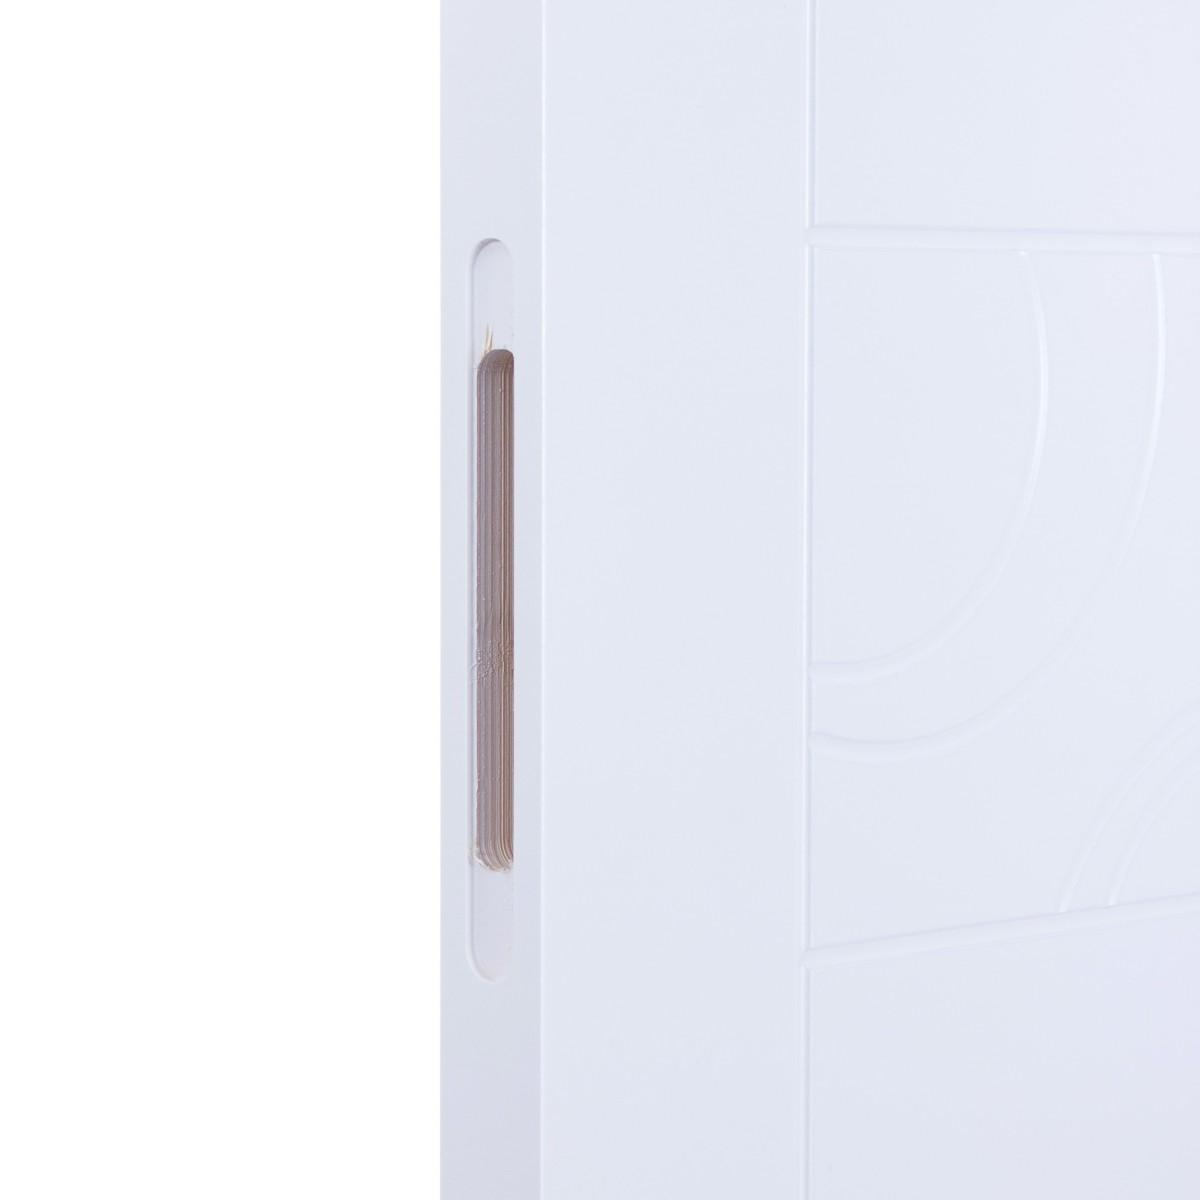 Дверь Межкомнатная Глухая Аликанте 70x200 Цвет Белый